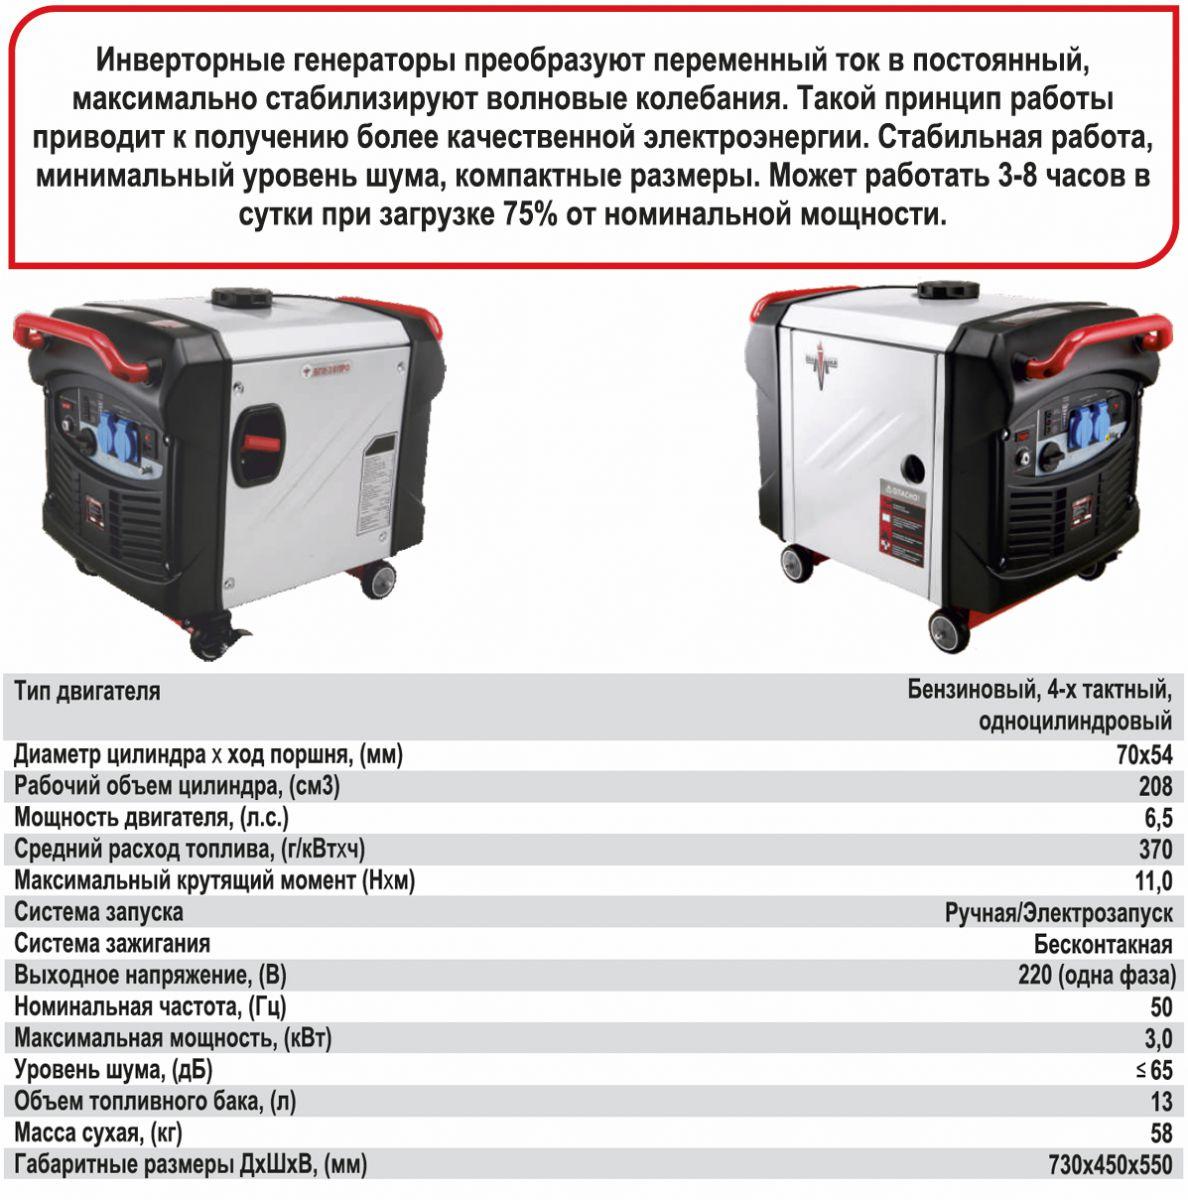 Инверторные бензиновые генераторы: на 1, 2, 3 квт и другой мощности, преимущества и недостатки, устройство